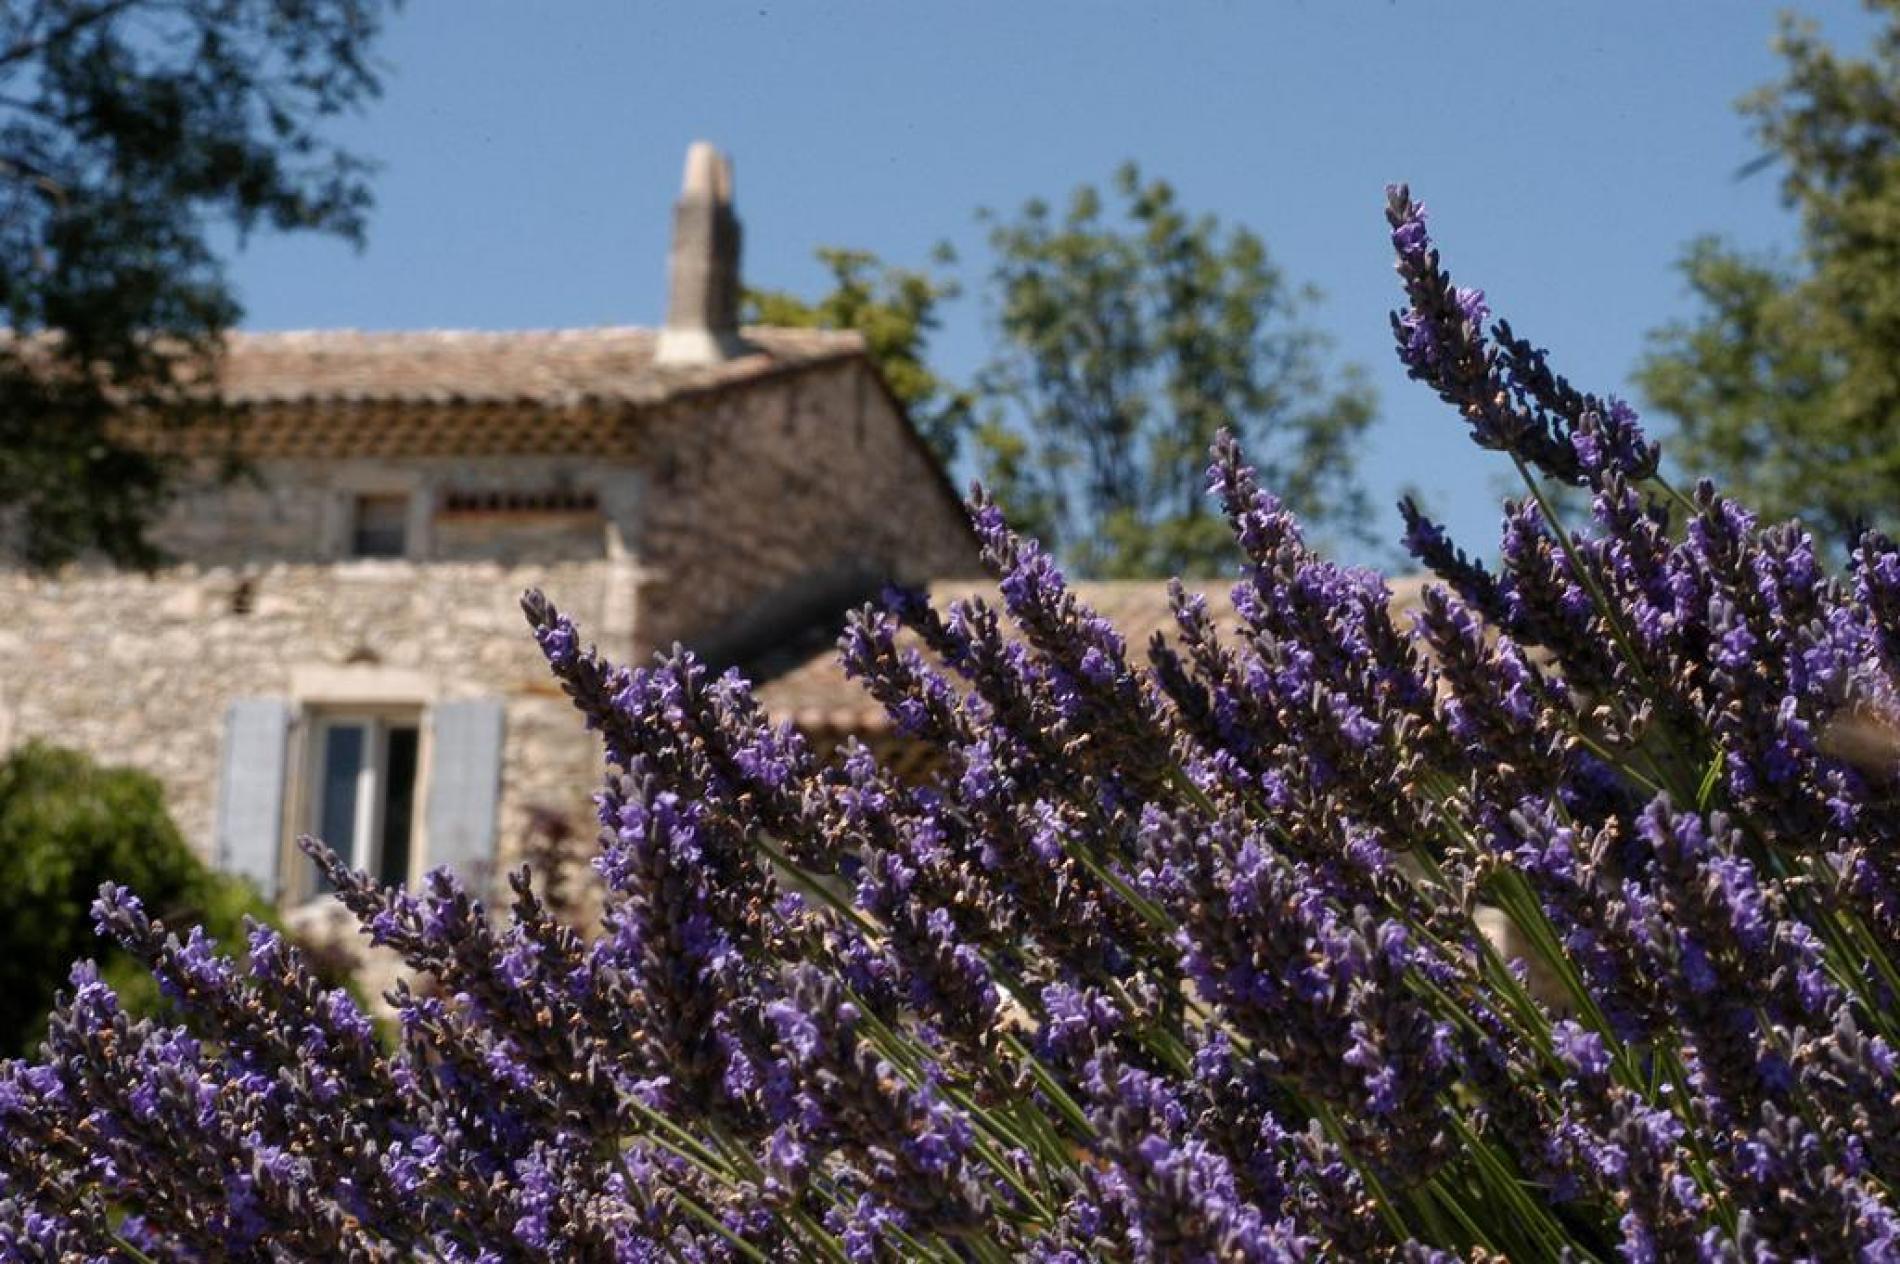 La Drôme Provençale, terre de charme d'une tranquille beauté se dévoile depuis La Vivande à Marsanne.